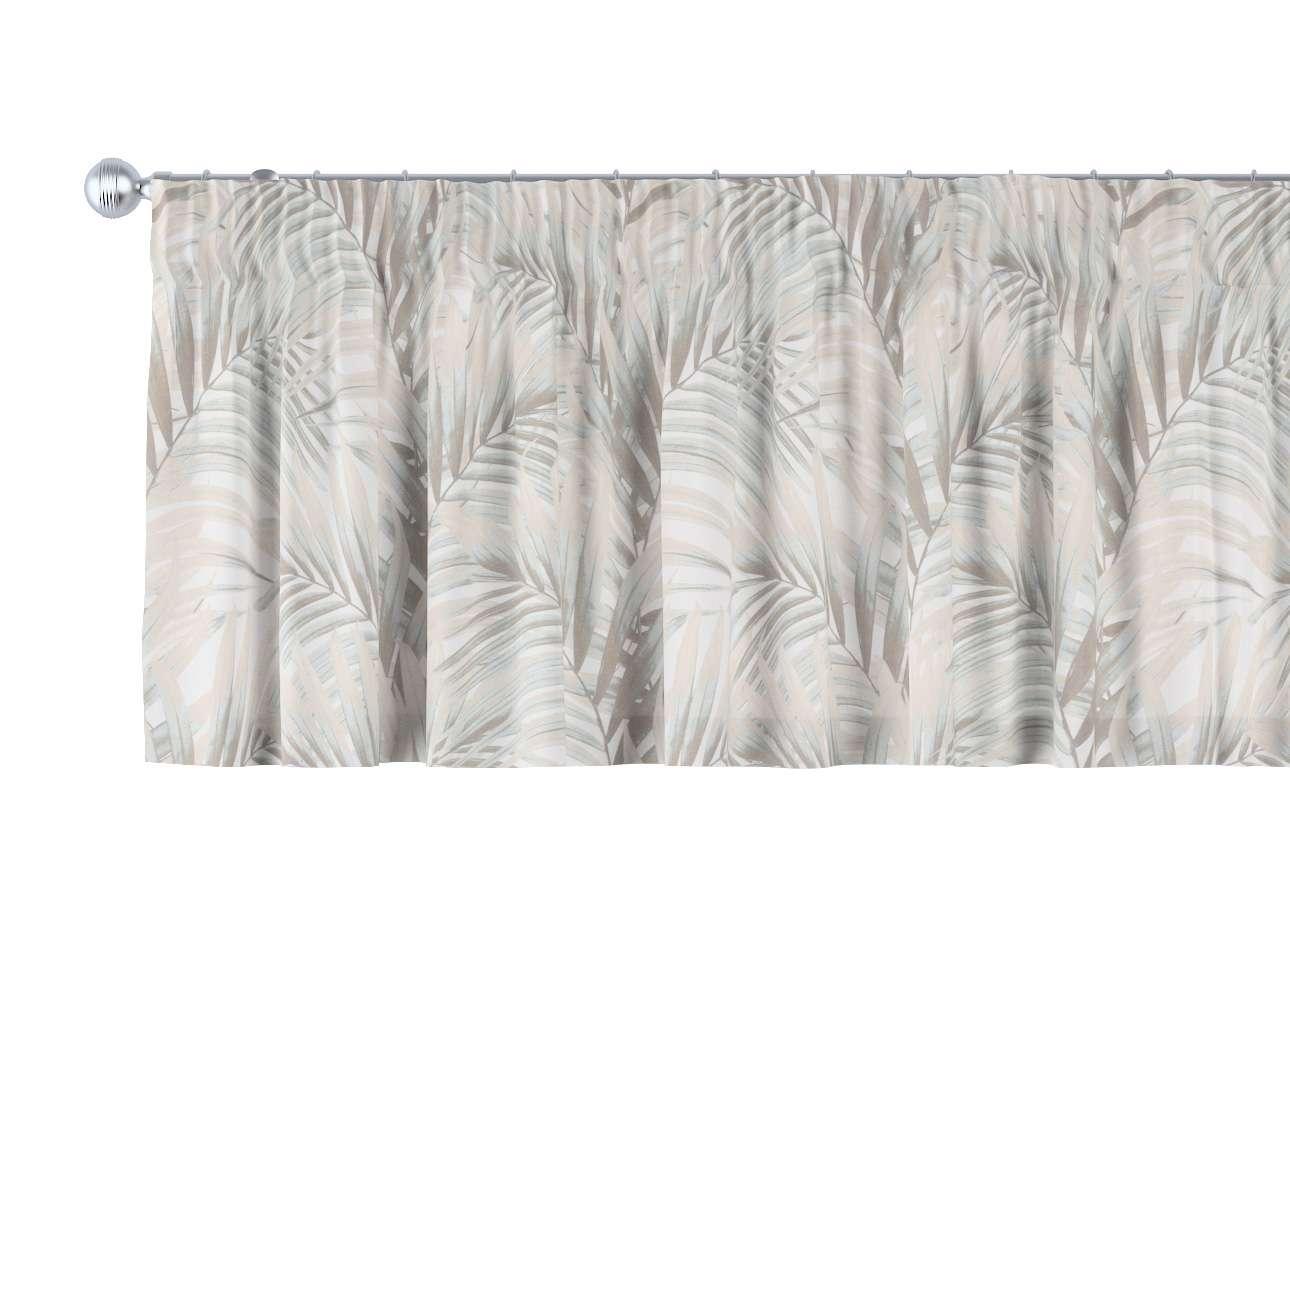 Kurzgardine mit Kräuselband von der Kollektion Gardenia, Stoff: 142-14